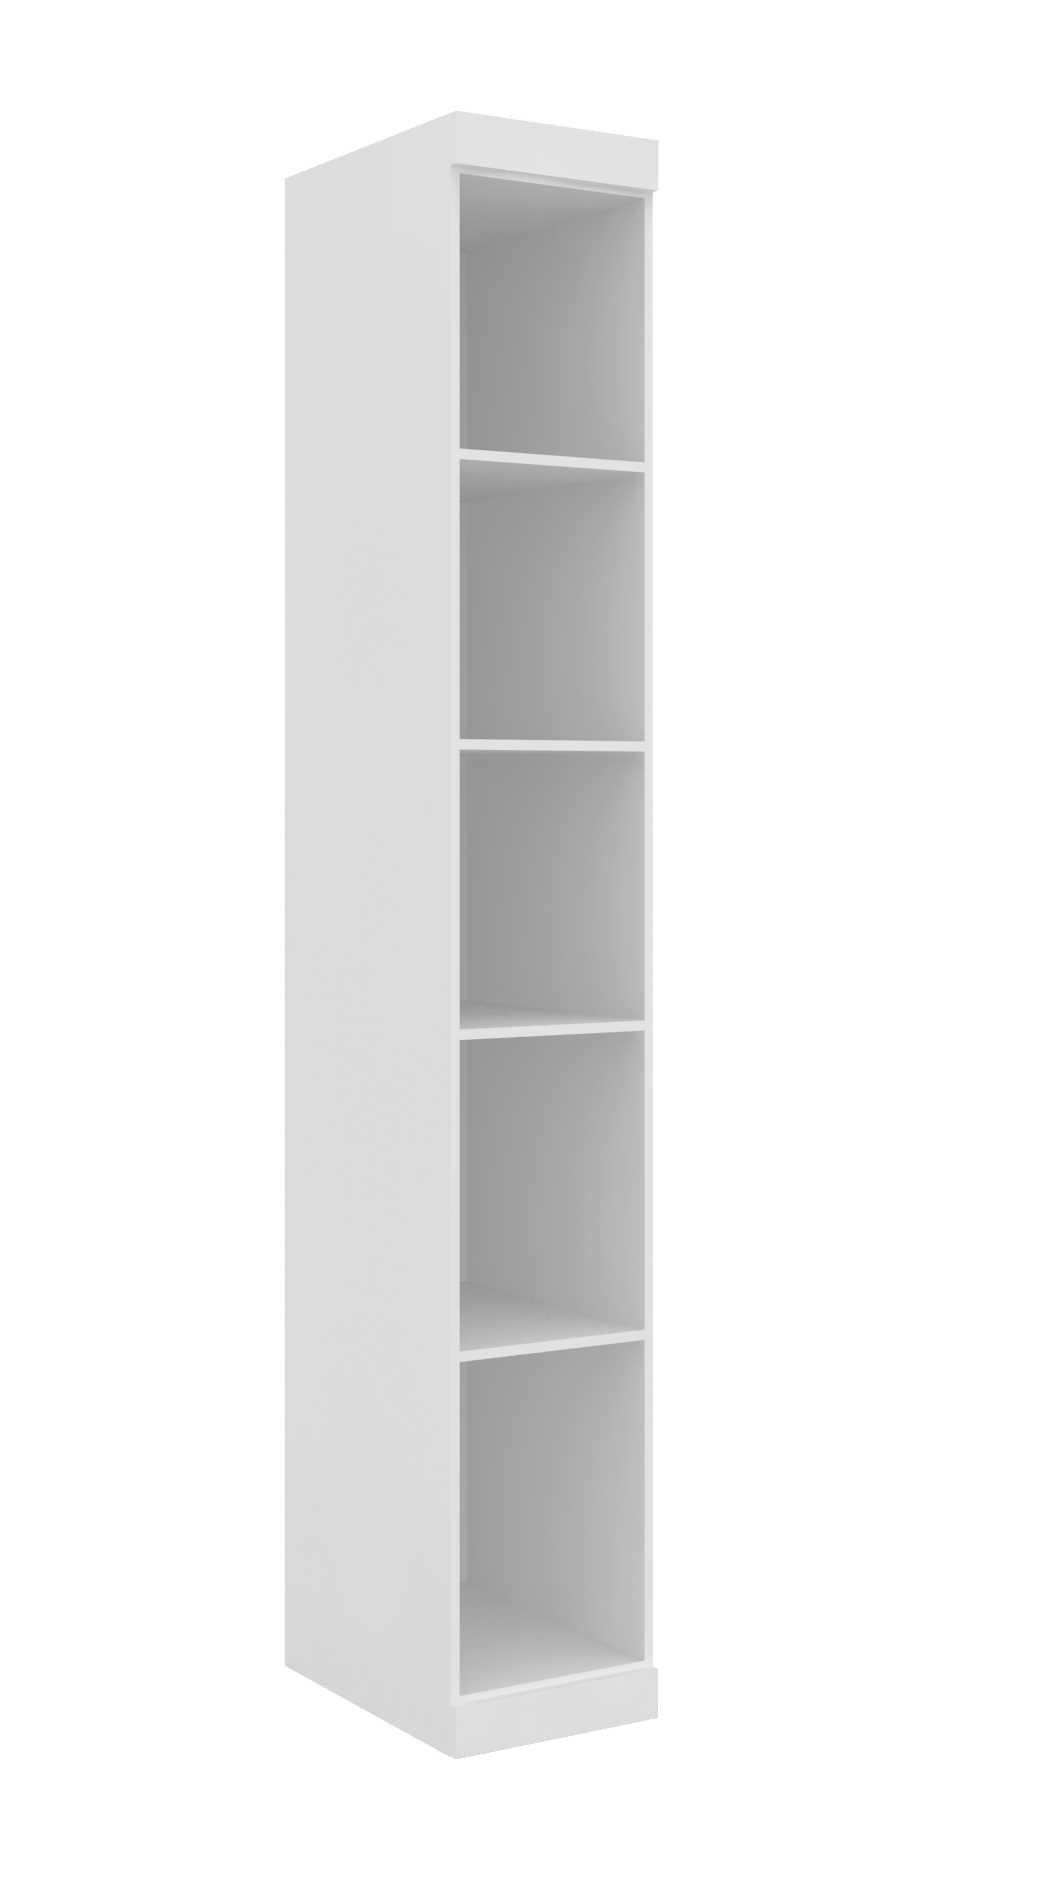 Armário Modulado Supreme 1 Porta Com Prateleira 35cm II Branco Fosco e Rovere Madeirado Robel Móveis